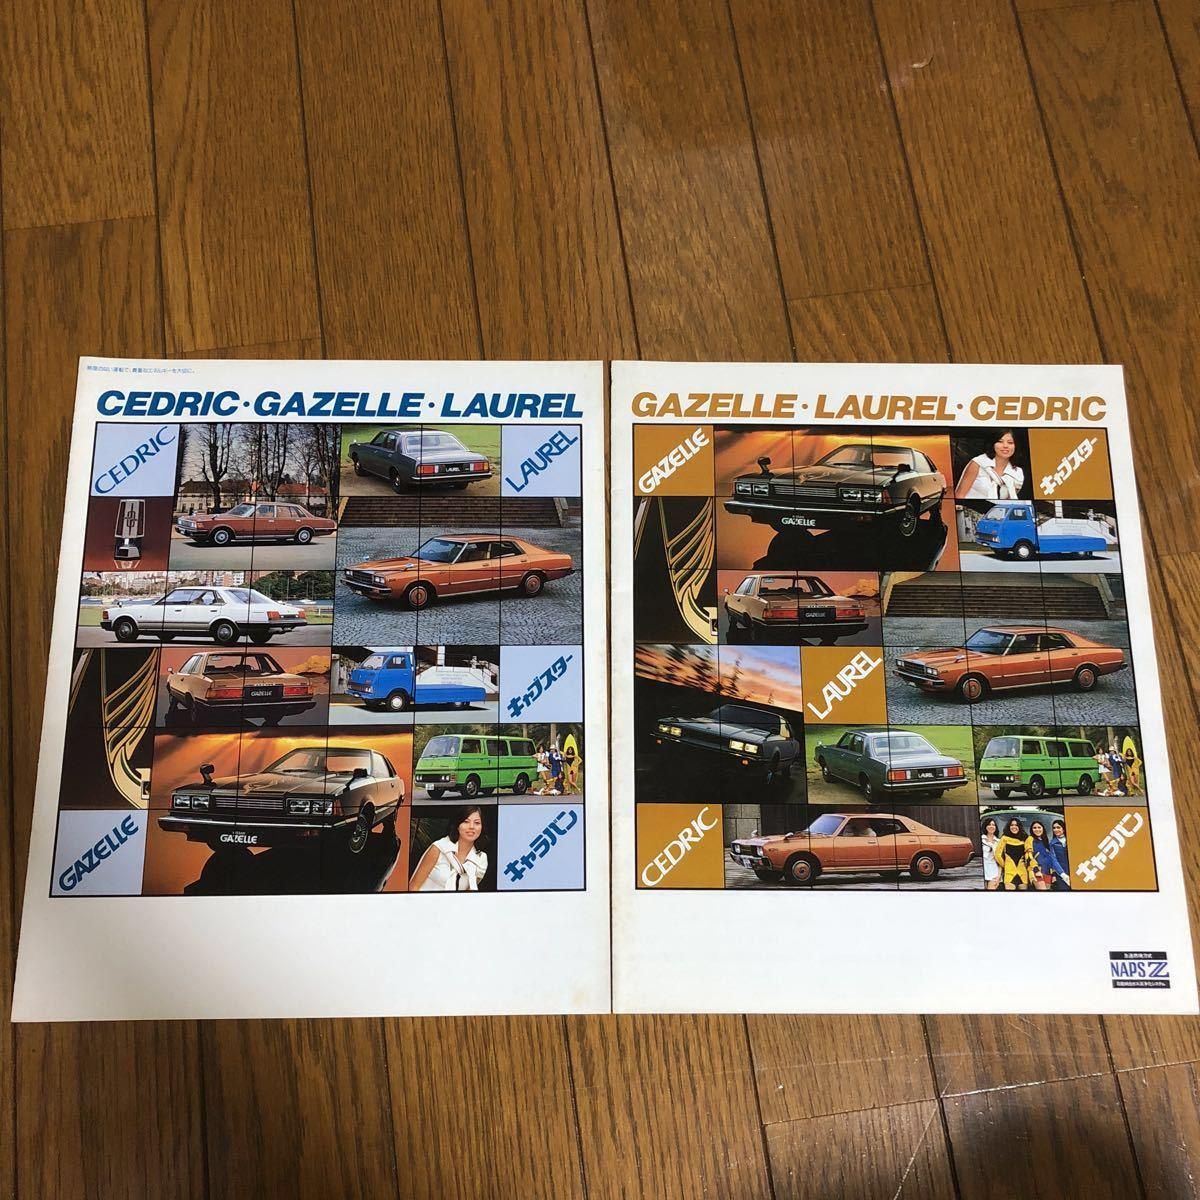 カタログ 旧車 日産 セドリック、ローレル、ガゼール、キャブスター、キャラバン 両方20ページ 2冊